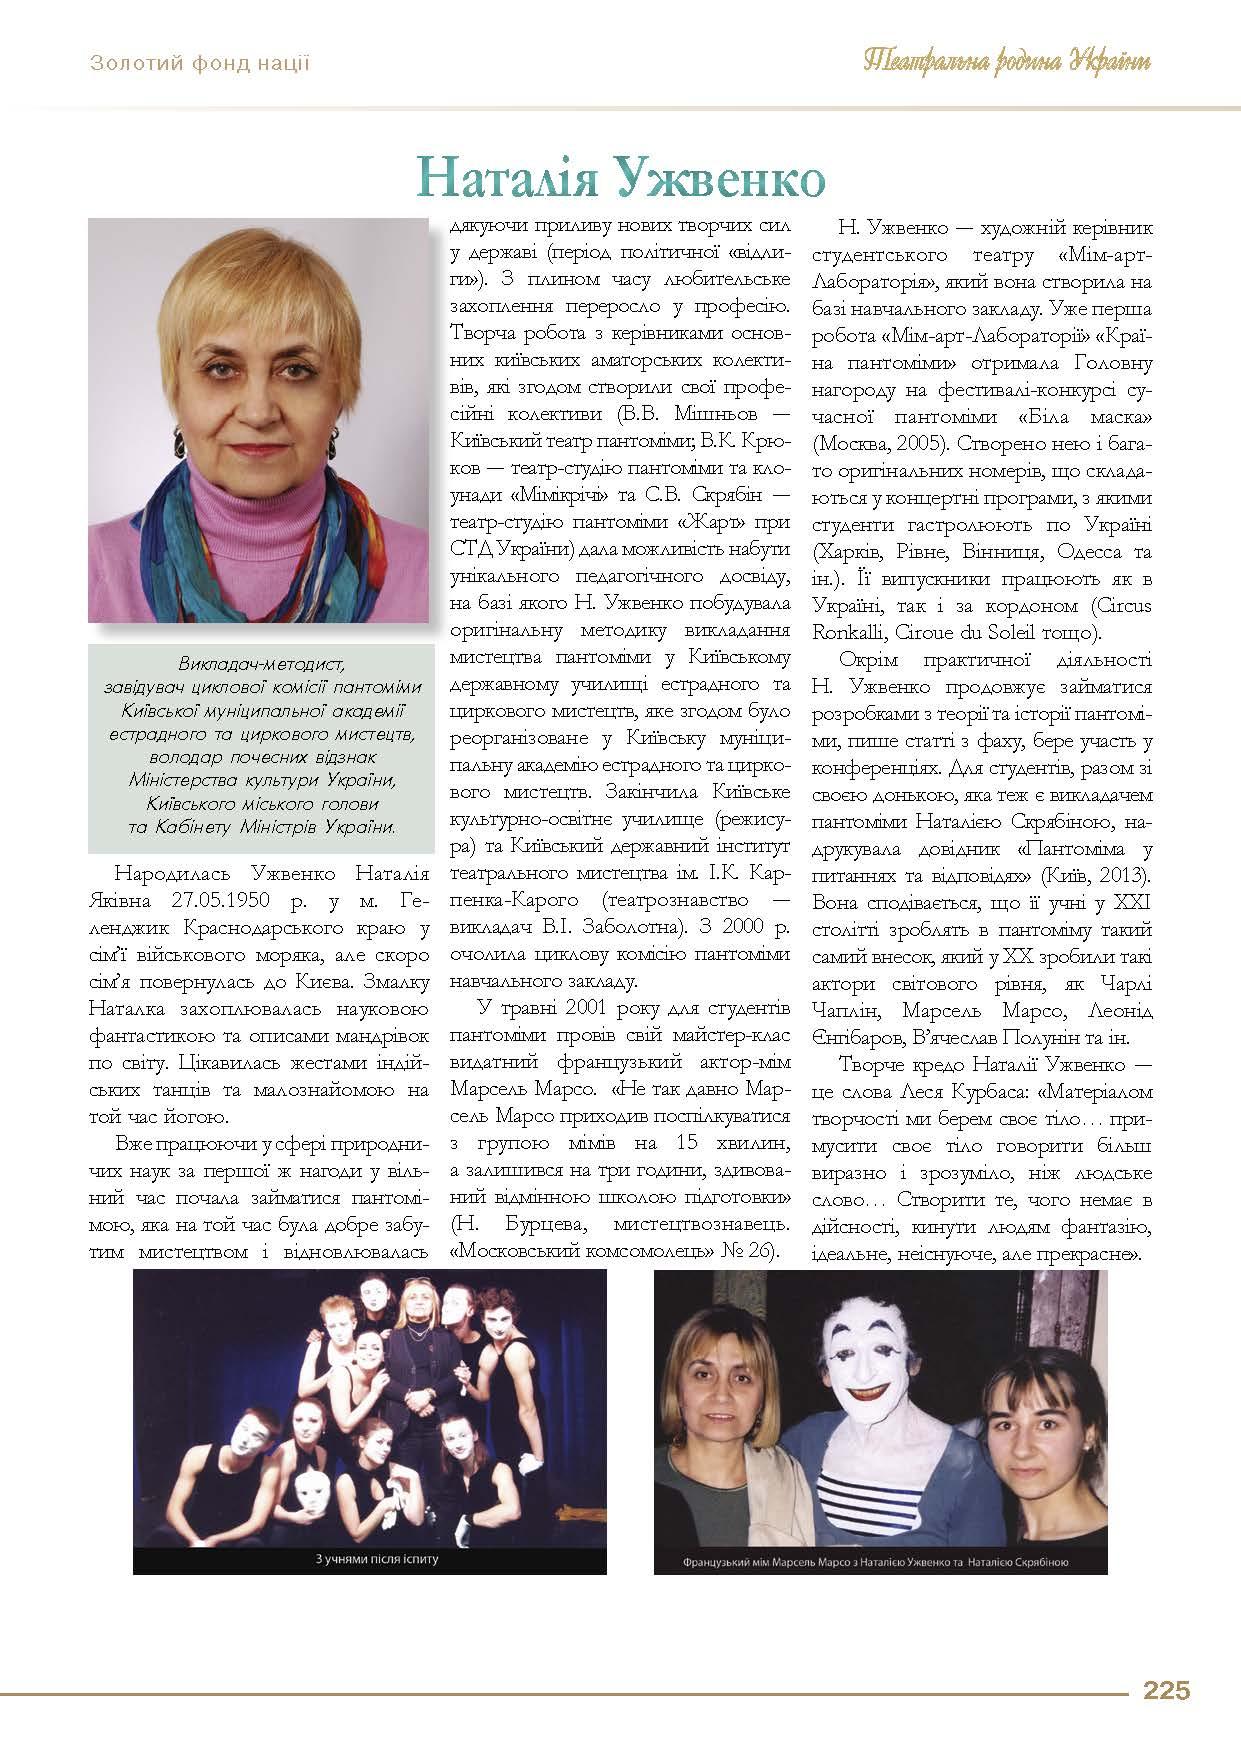 Наталія Ужвенко